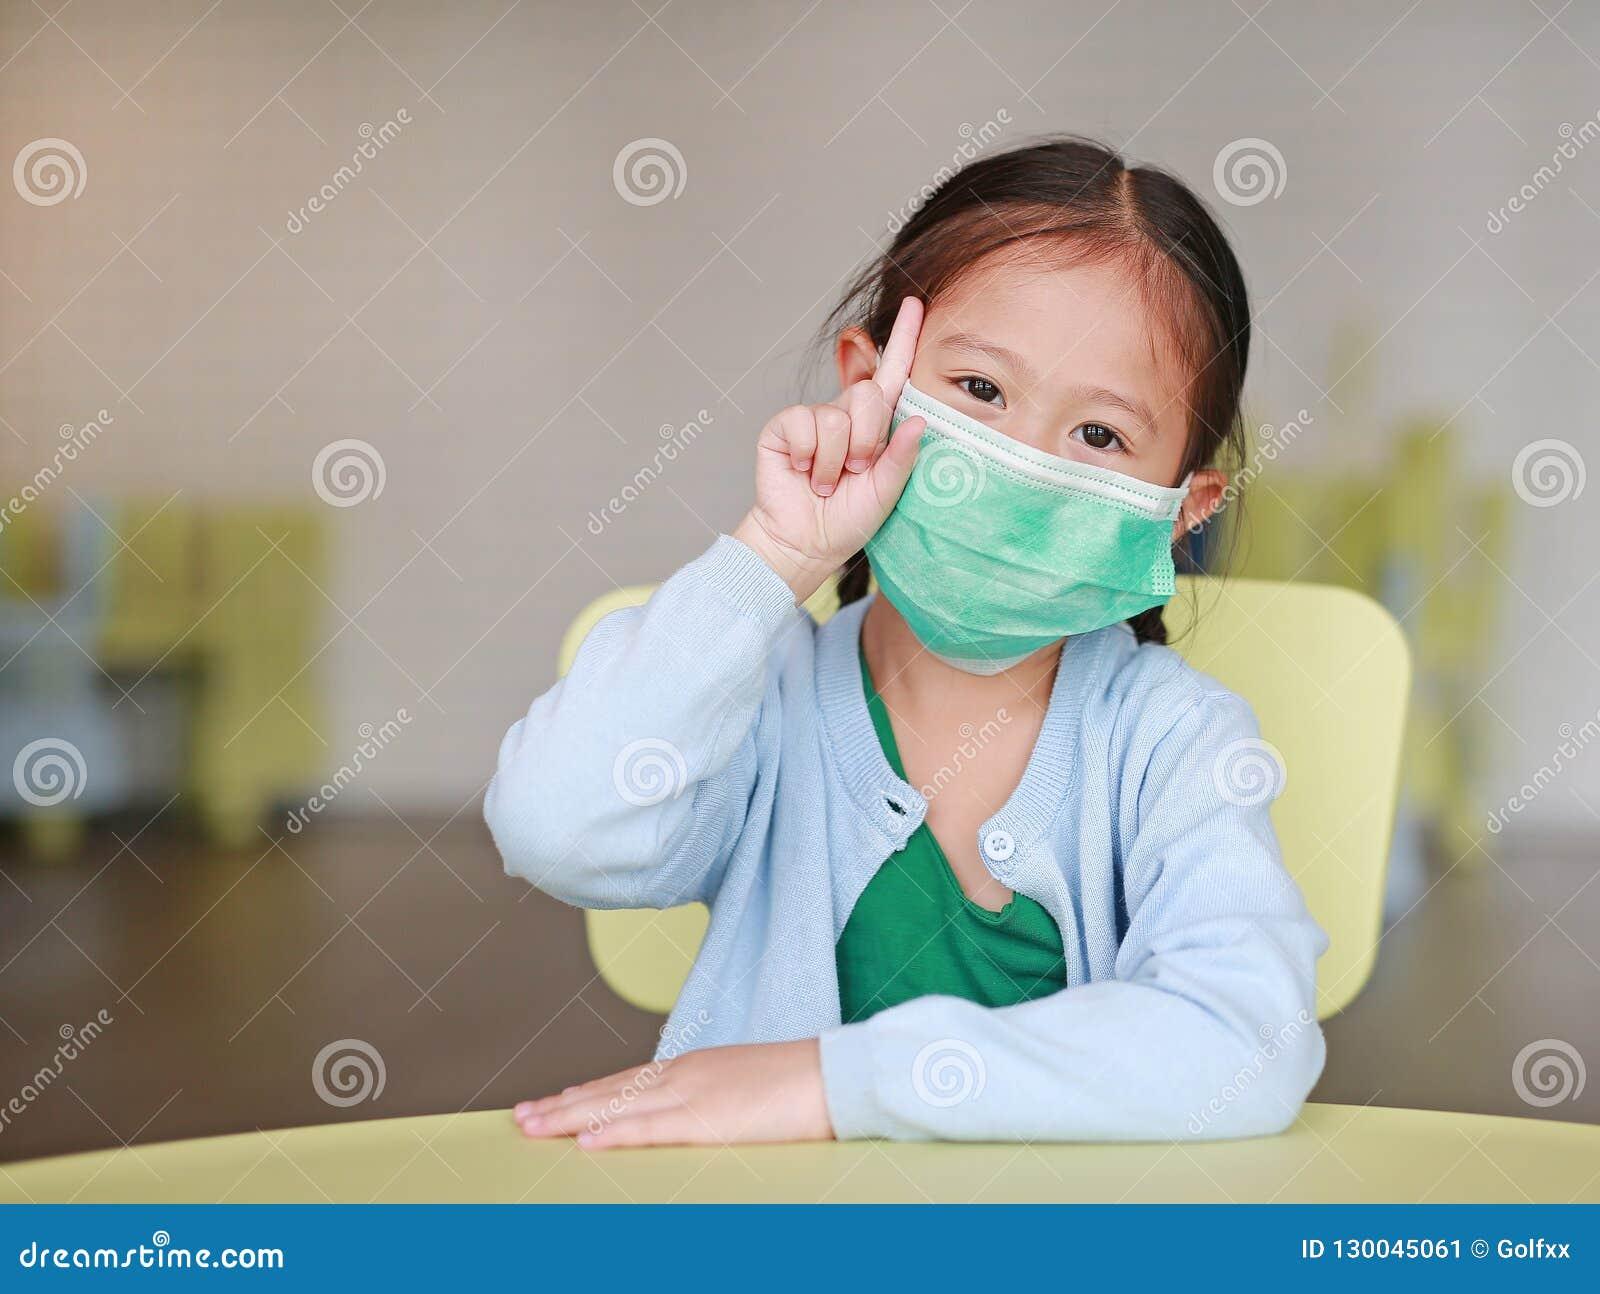 戴着与陈列一食指的逗人喜爱的矮小的亚裔儿童女孩一个防毒面具坐孩子椅子在儿童居室